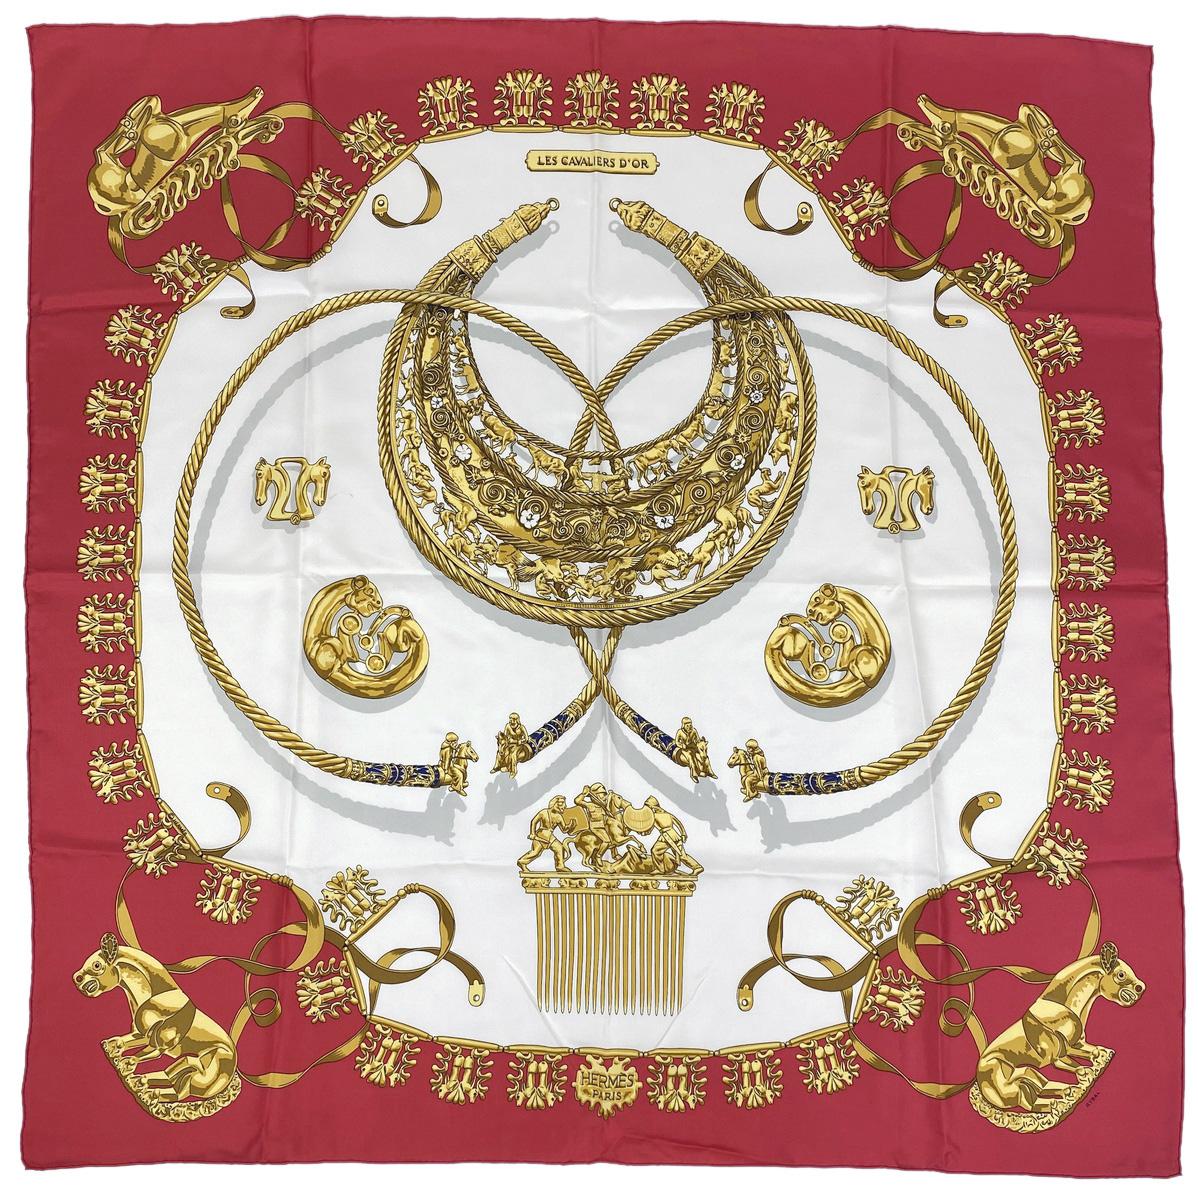 エルメス HERMES カレ 90 LES CAVALIERS D'OR 黄金の騎士 スカーフ シルク レッド ホワイト マルチカラー レディース 【中古】